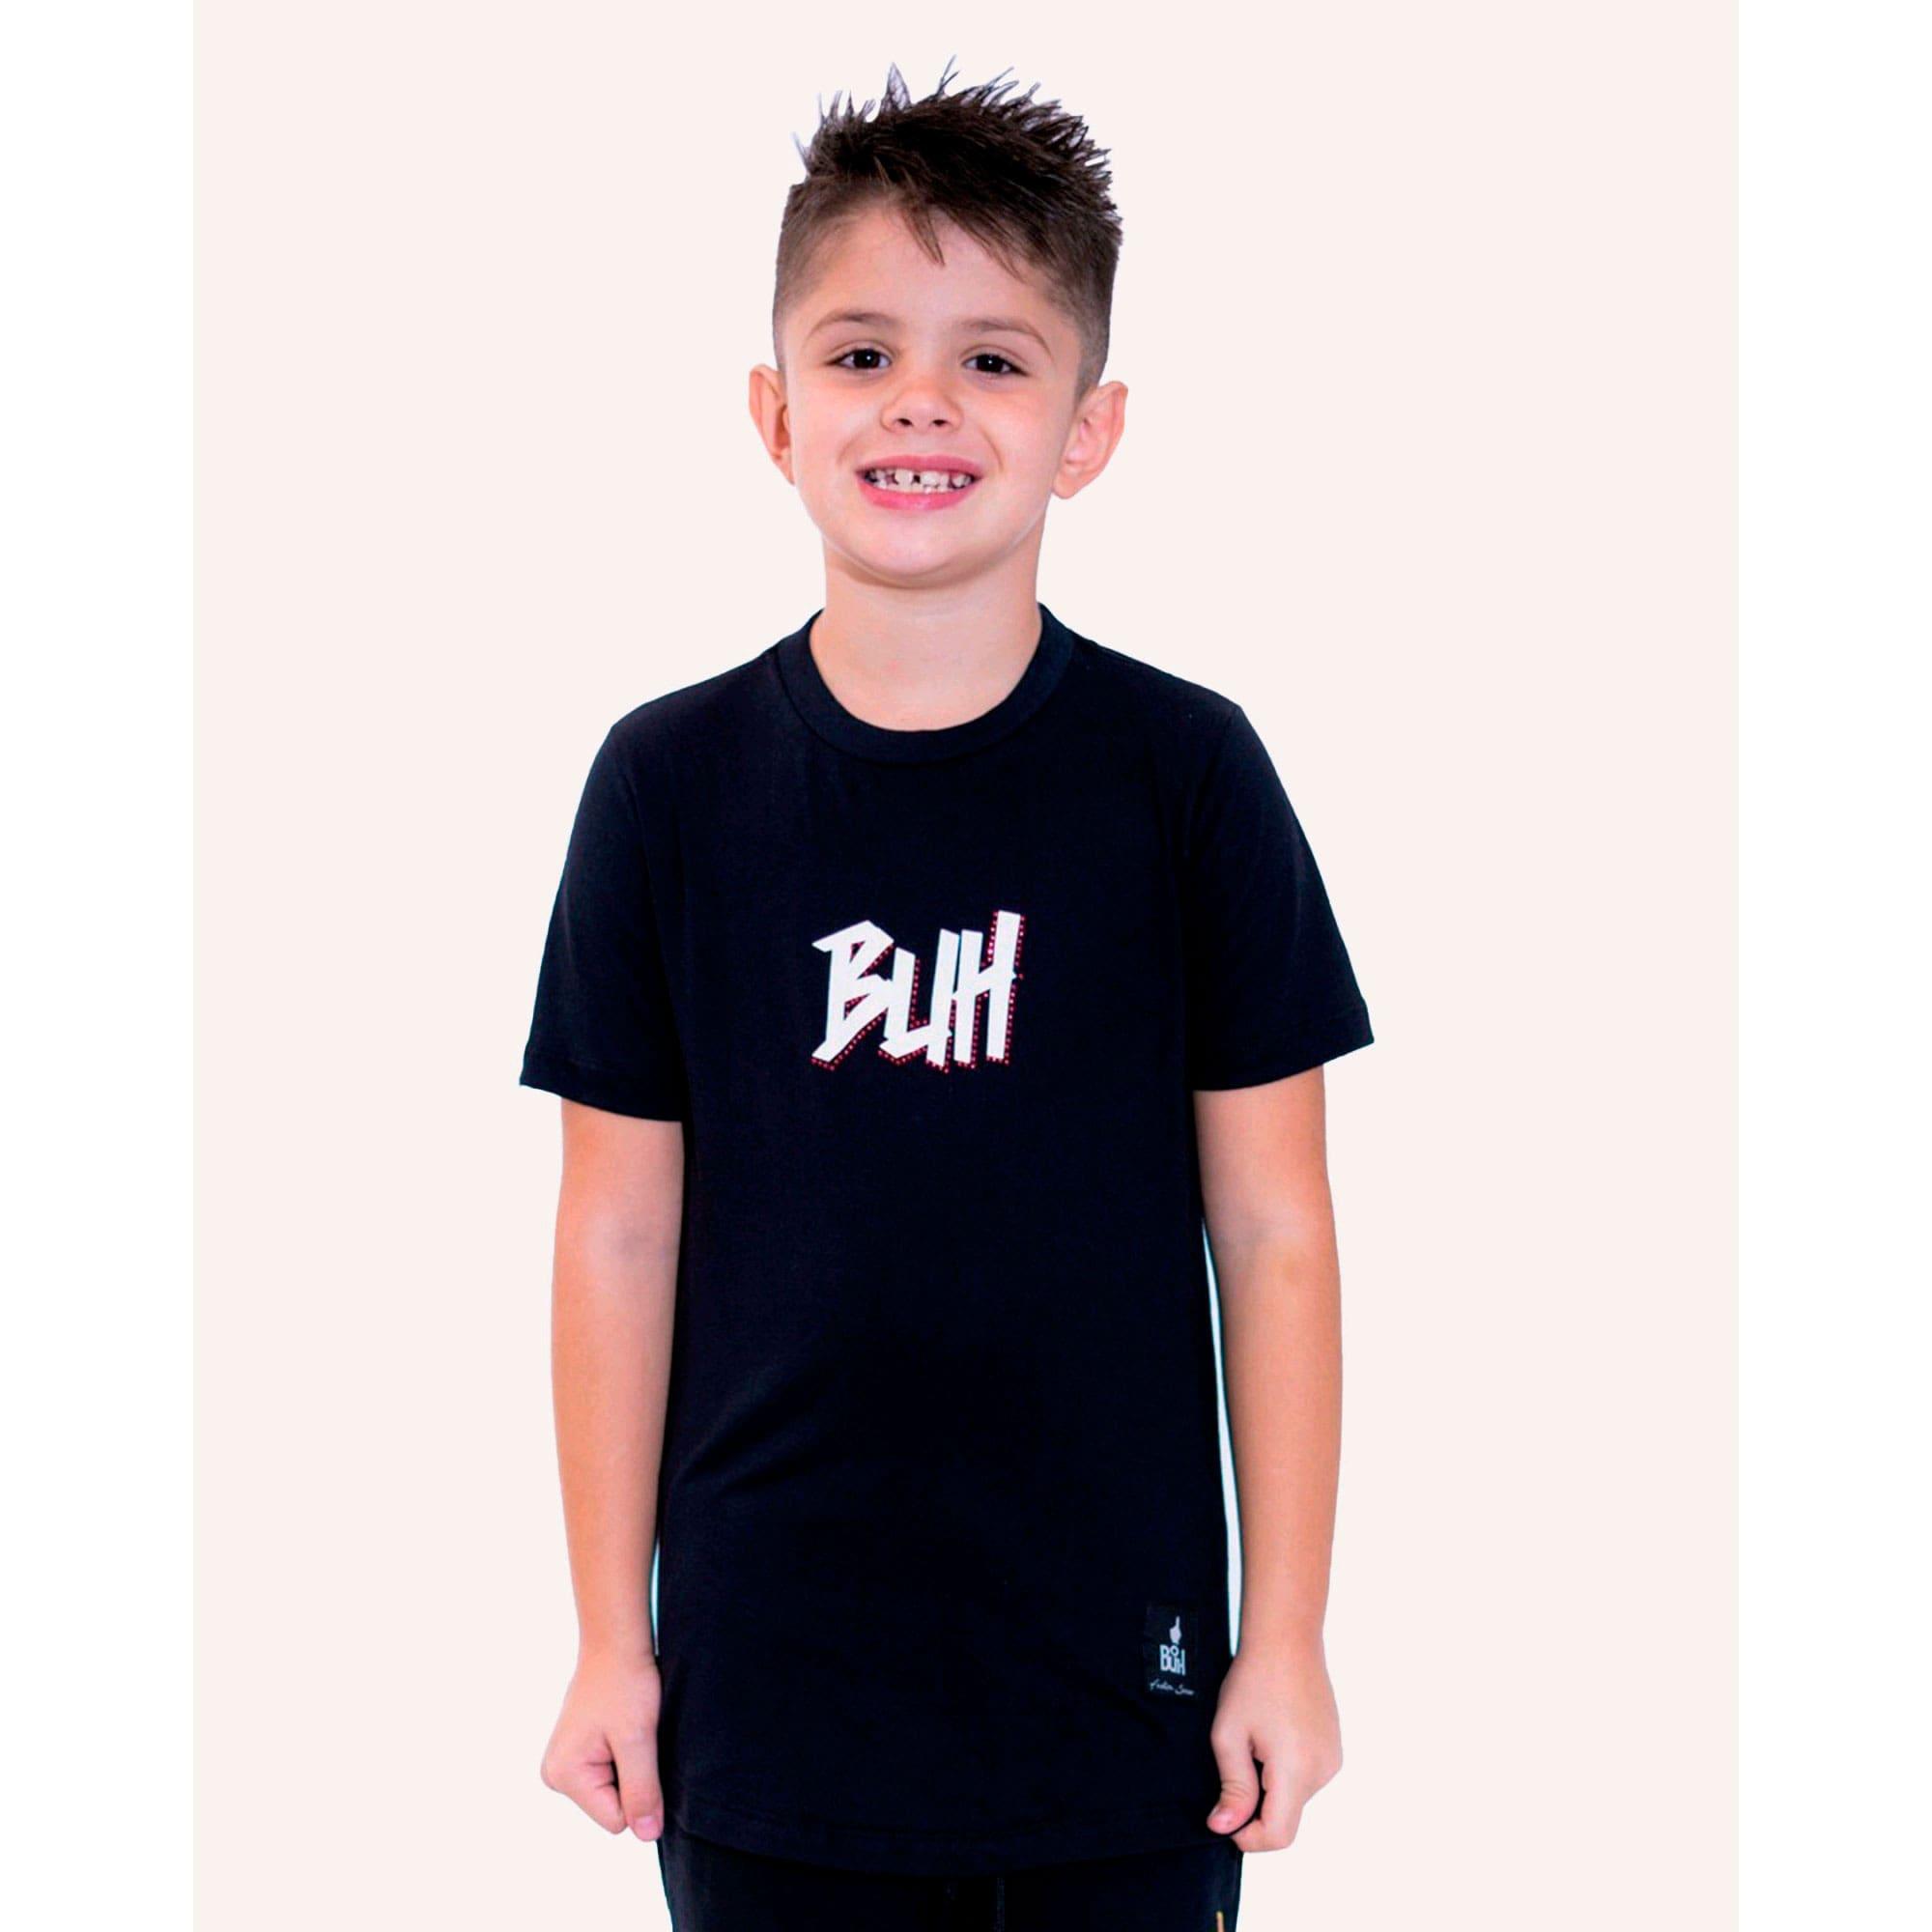 Camiseta Buh Kids Strass Logo Black